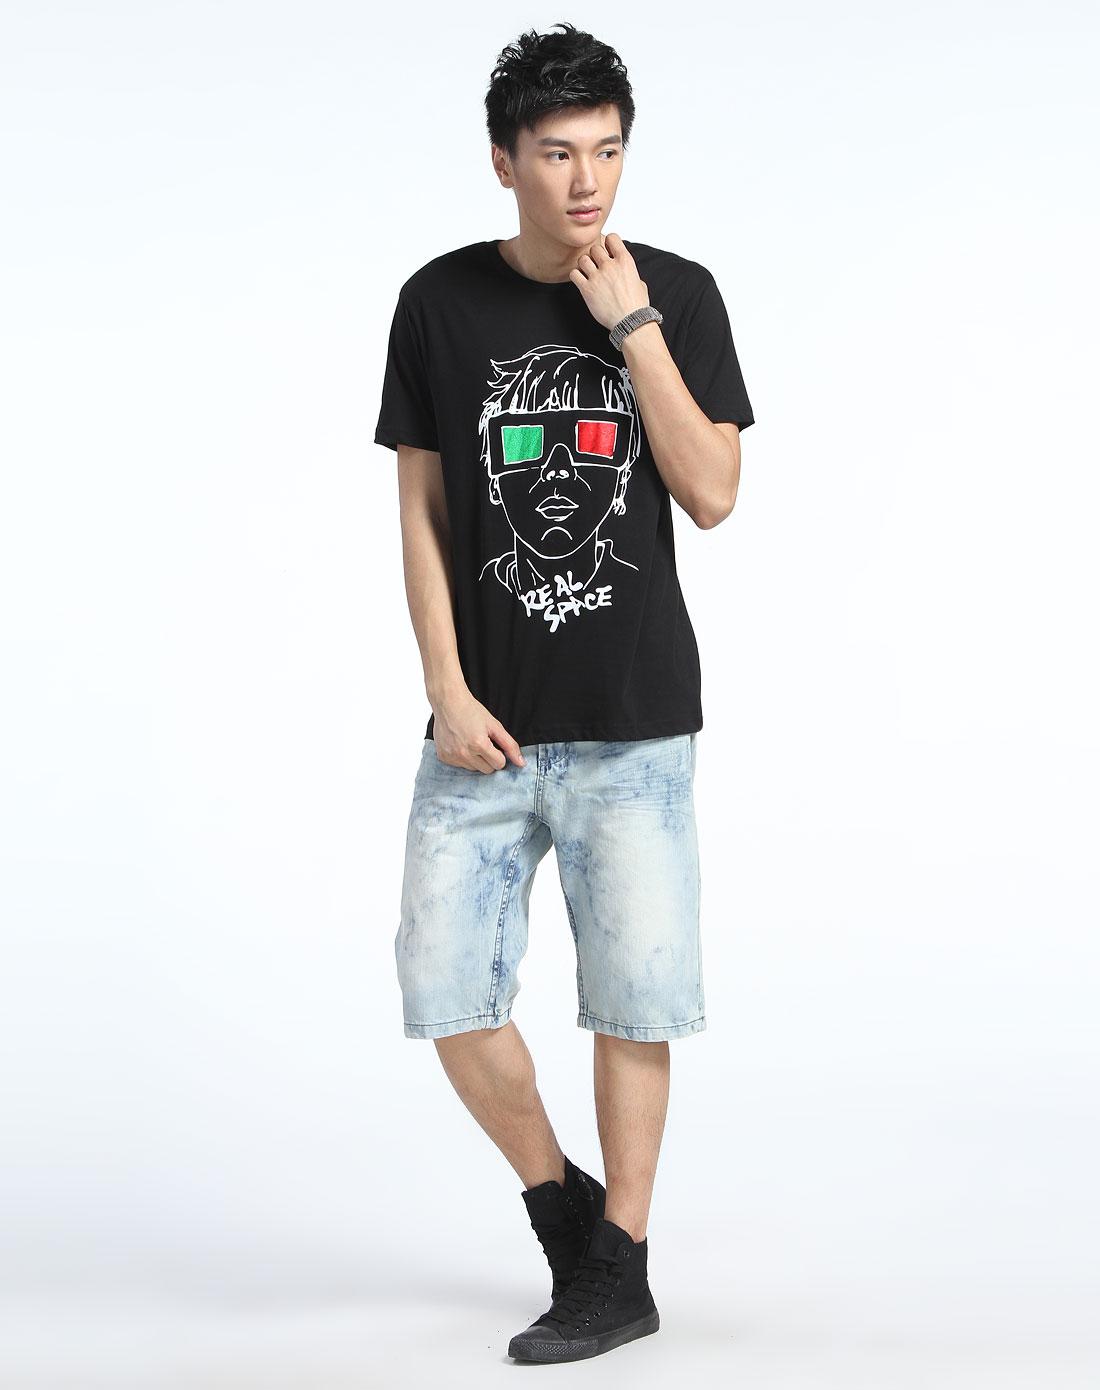 个性人物涂鸦黑色短袖t恤